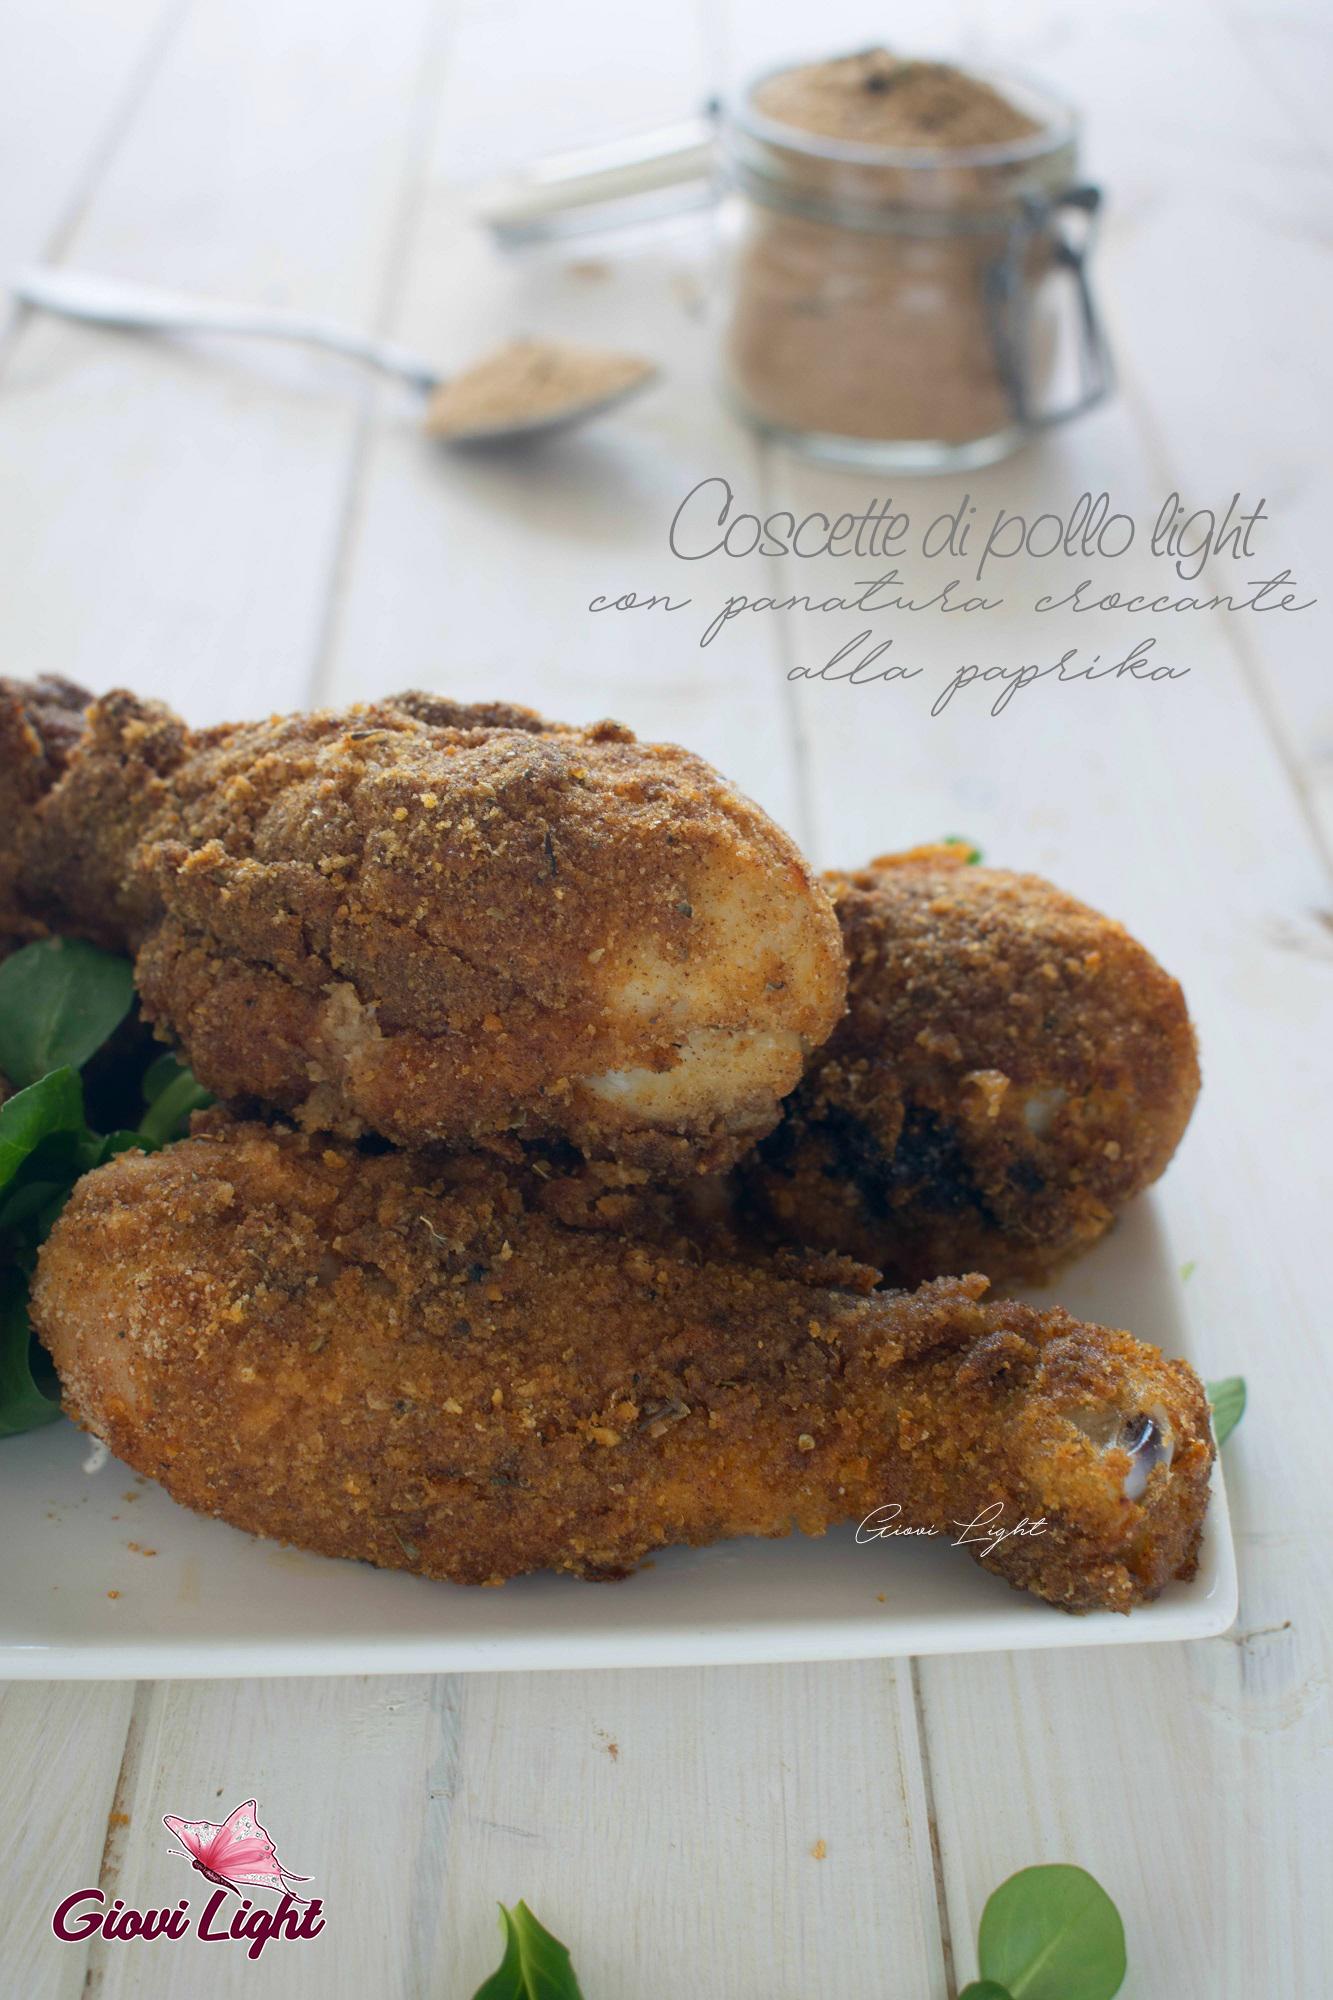 Coscette di pollo light con panatura croccante alla paprika